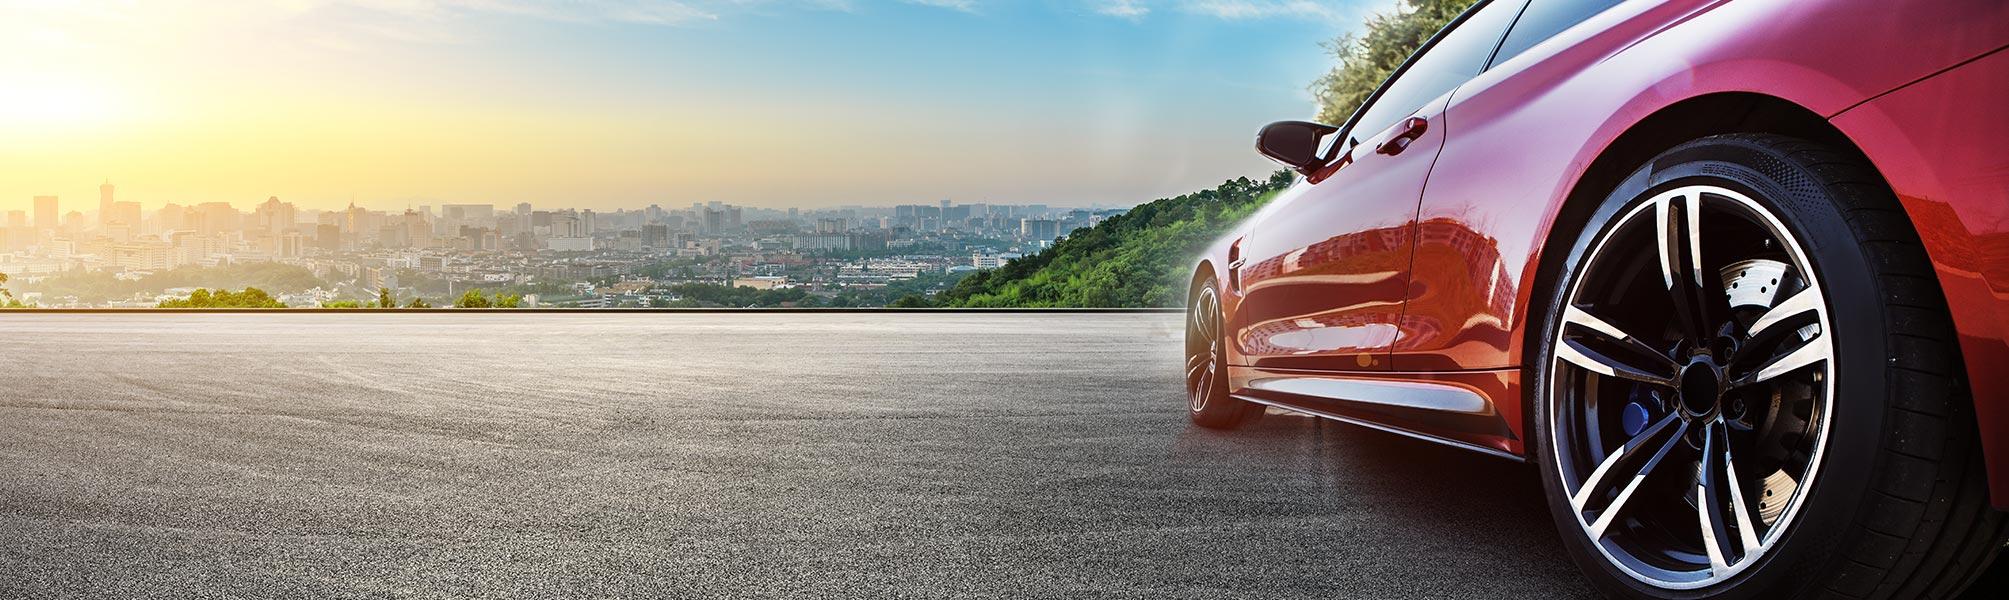 Premiumräder BMW Headerbild